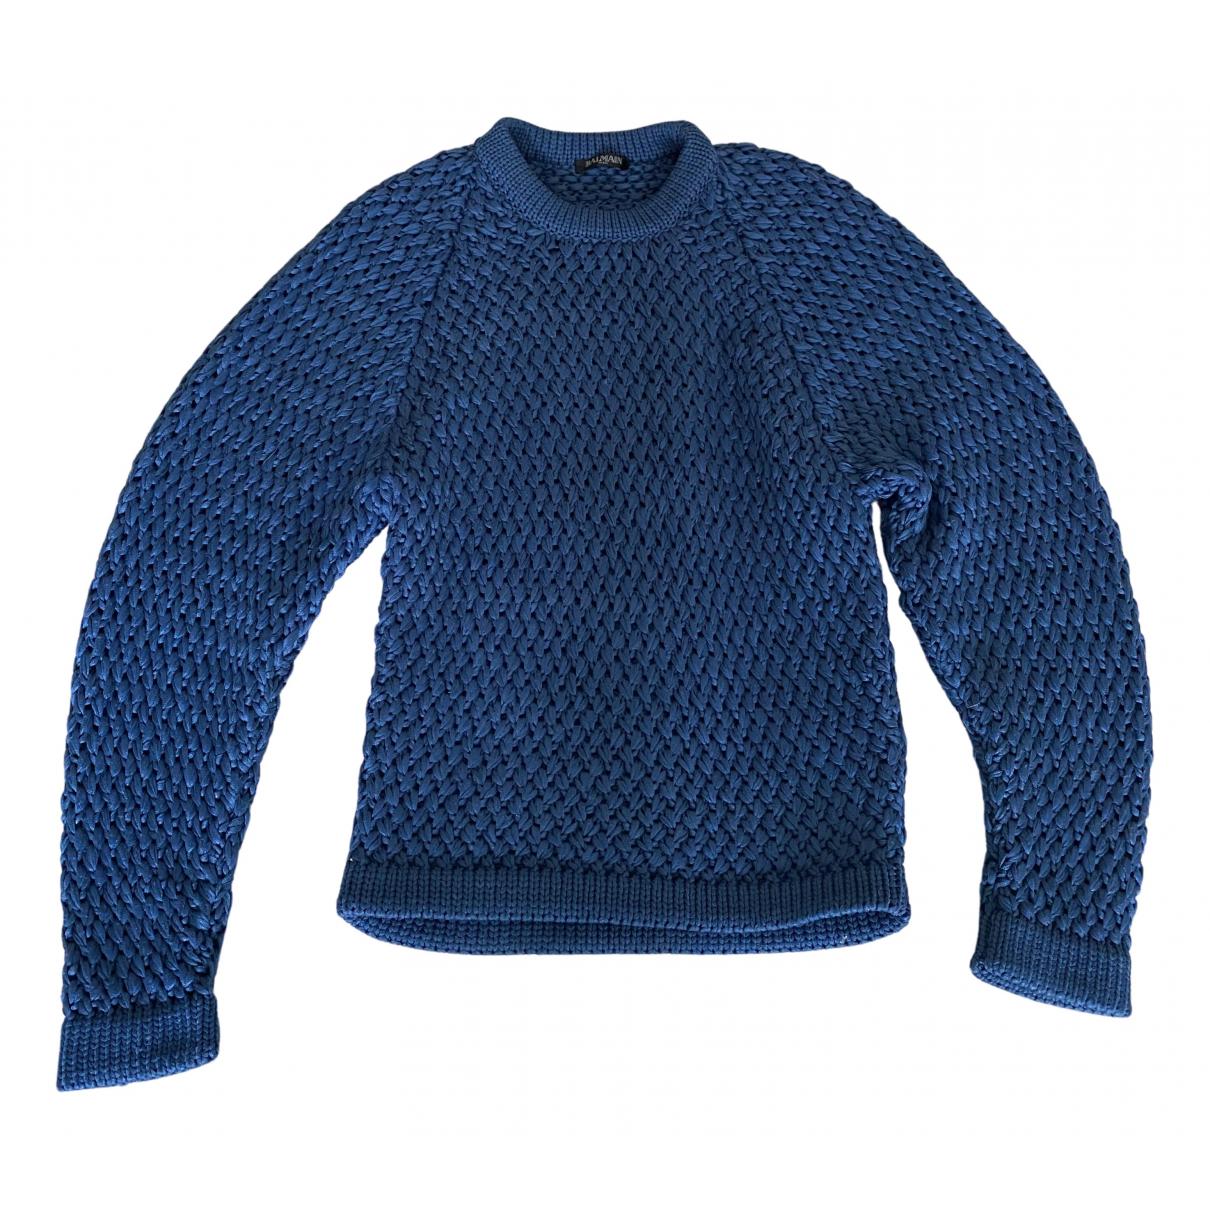 Balmain N Blue Knitwear for Women 38 IT